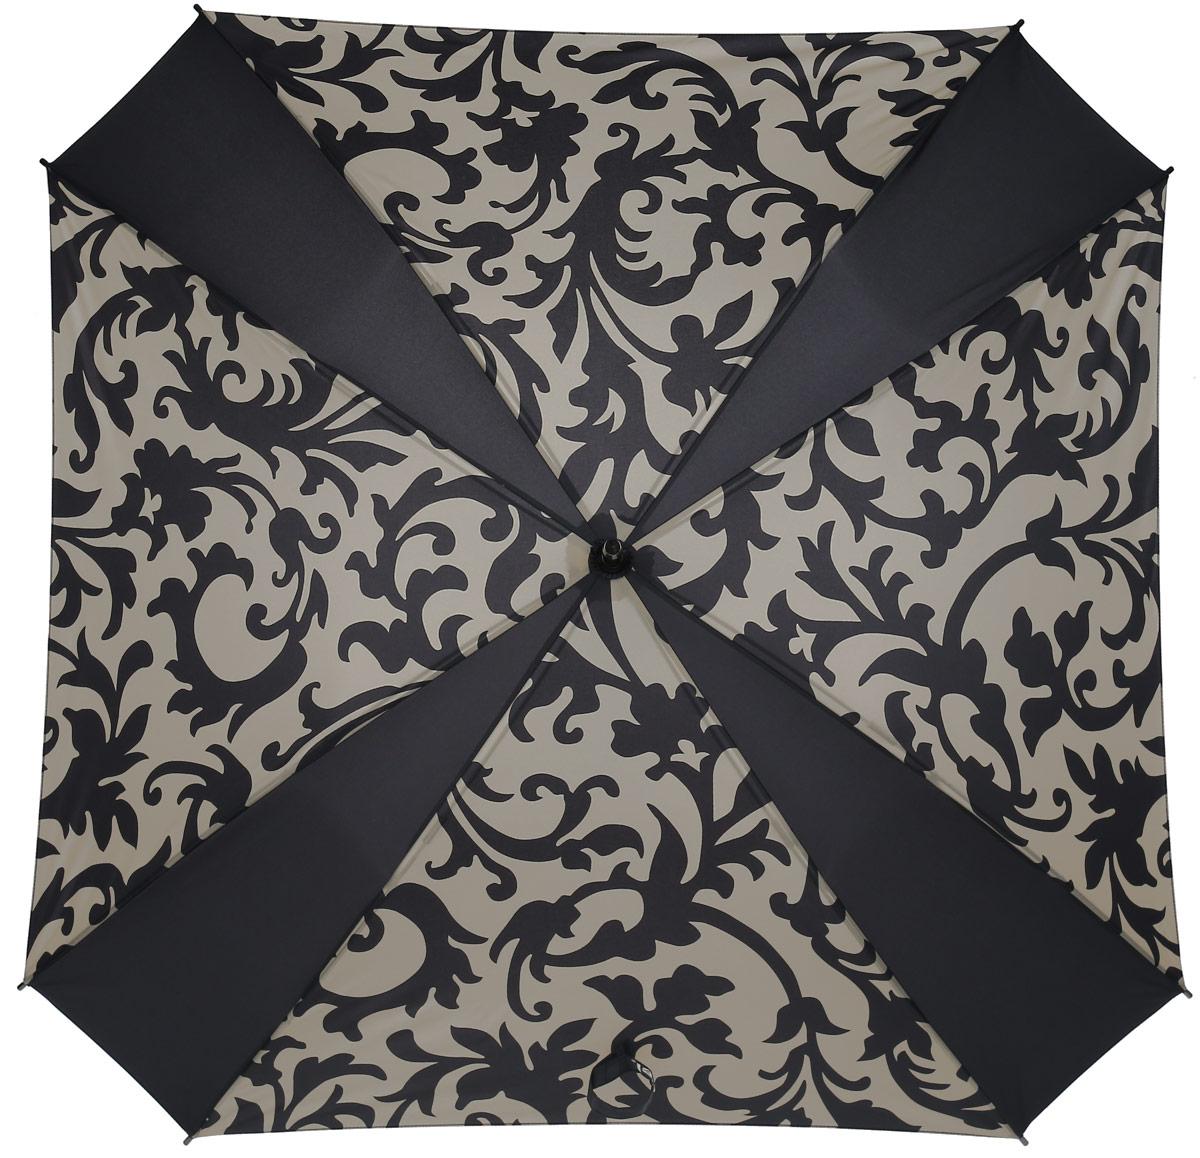 Зонт-трость женский Reisenthel, цвет: бежевый, черный. YM7027CX1516-50-10Ни снег, ни проливной дождь не страшны, когда с вами ваш надежный друг - красивый зонт-трость. А надежен он благодаря своей инновационной форме в виде октагона - фигуры с 8 углами. У зонта гибкие спицы со специальными пружинами, которые не сломаются. При сильном ветре зонт просто вывернется наизнанку. А вот острый наконечник и ручка, которая позволяет повесить зонт - самые что ни на есть классические, удобные и красивые. Чтобы просушить его, просто оставьте открытым (пожалуйста, не сворачивайте зонт, пока он мокрый).